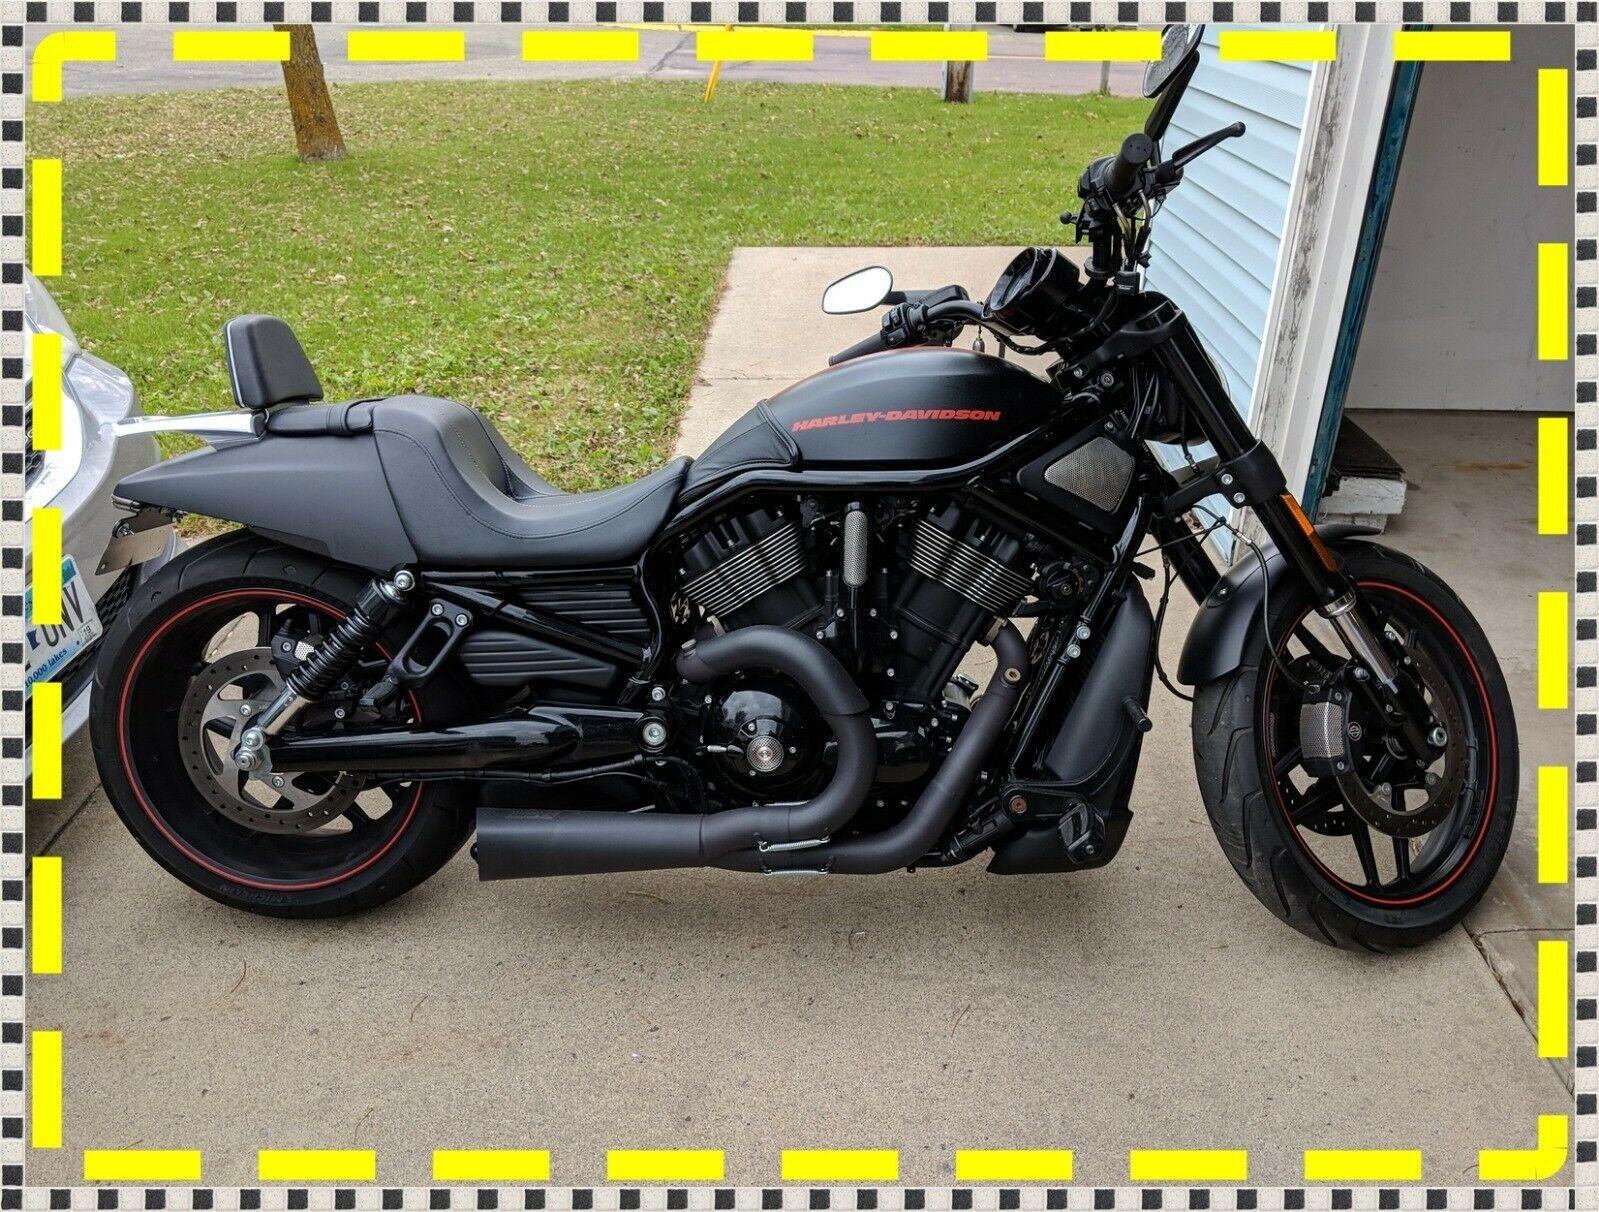 2015 Harley-Davidson V-ROD   | eBay